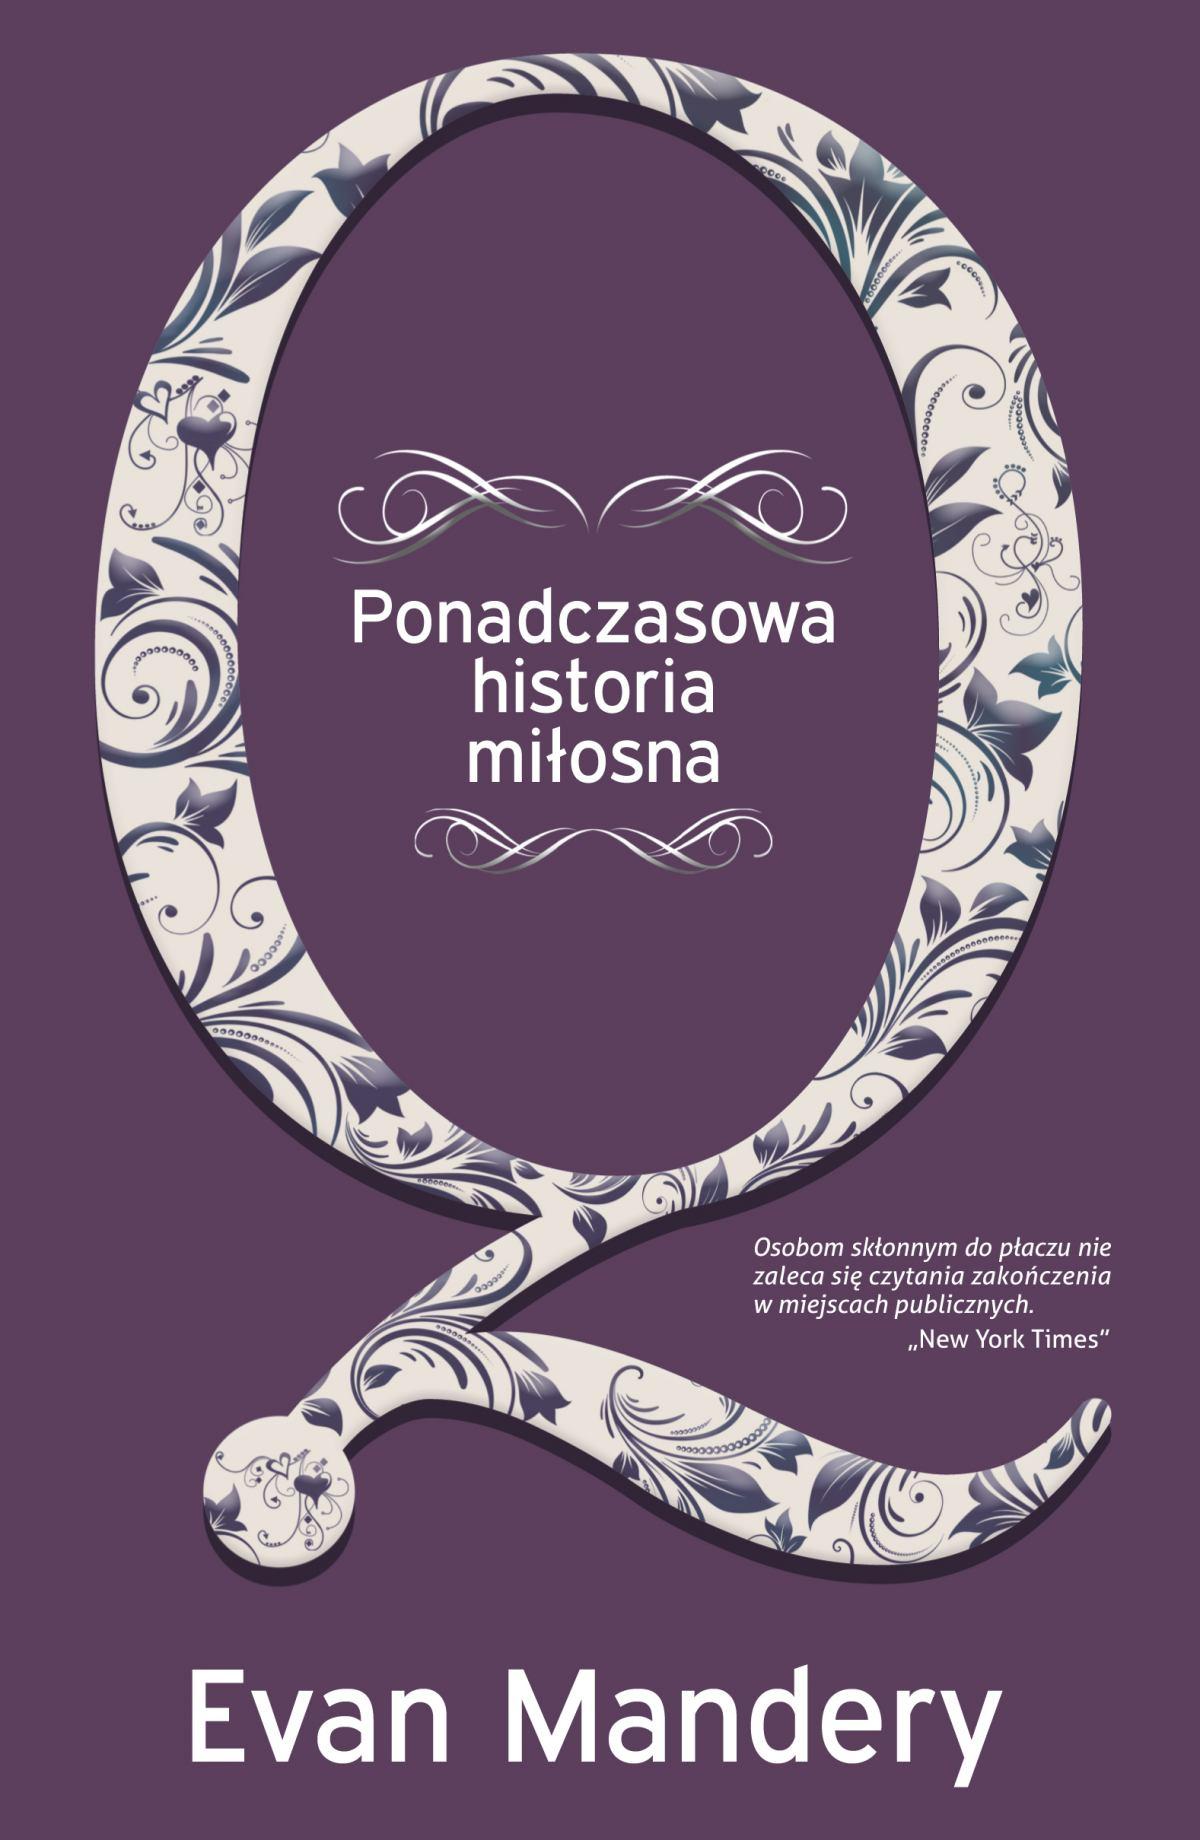 Q. Ponadczasowa historia miłosna - Ebook (Książka EPUB) do pobrania w formacie EPUB